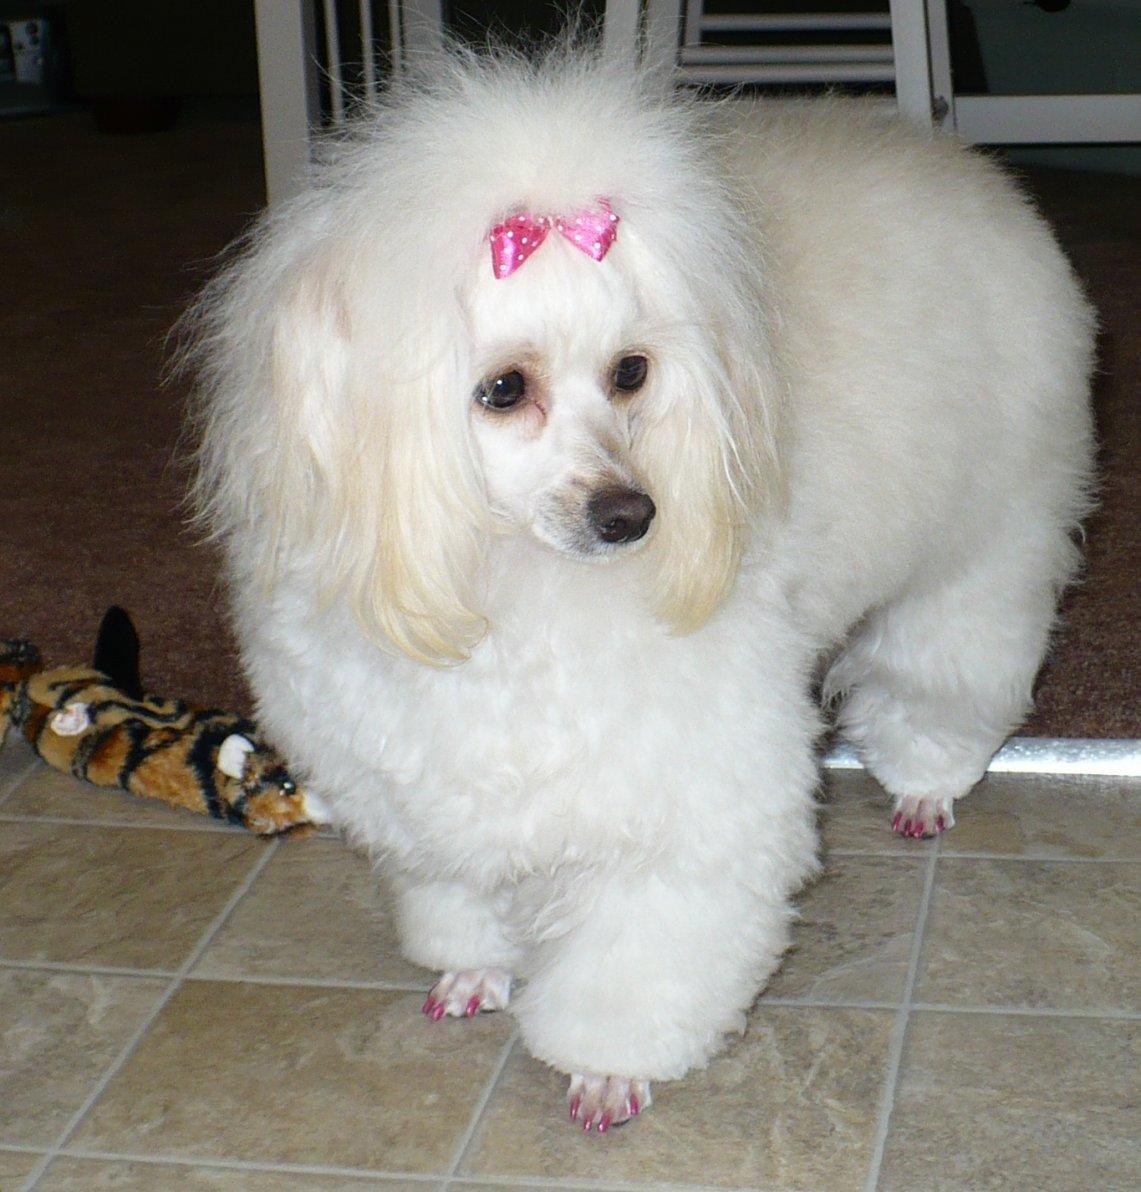 Pink pink & more pink!!!-p1030715.jpg